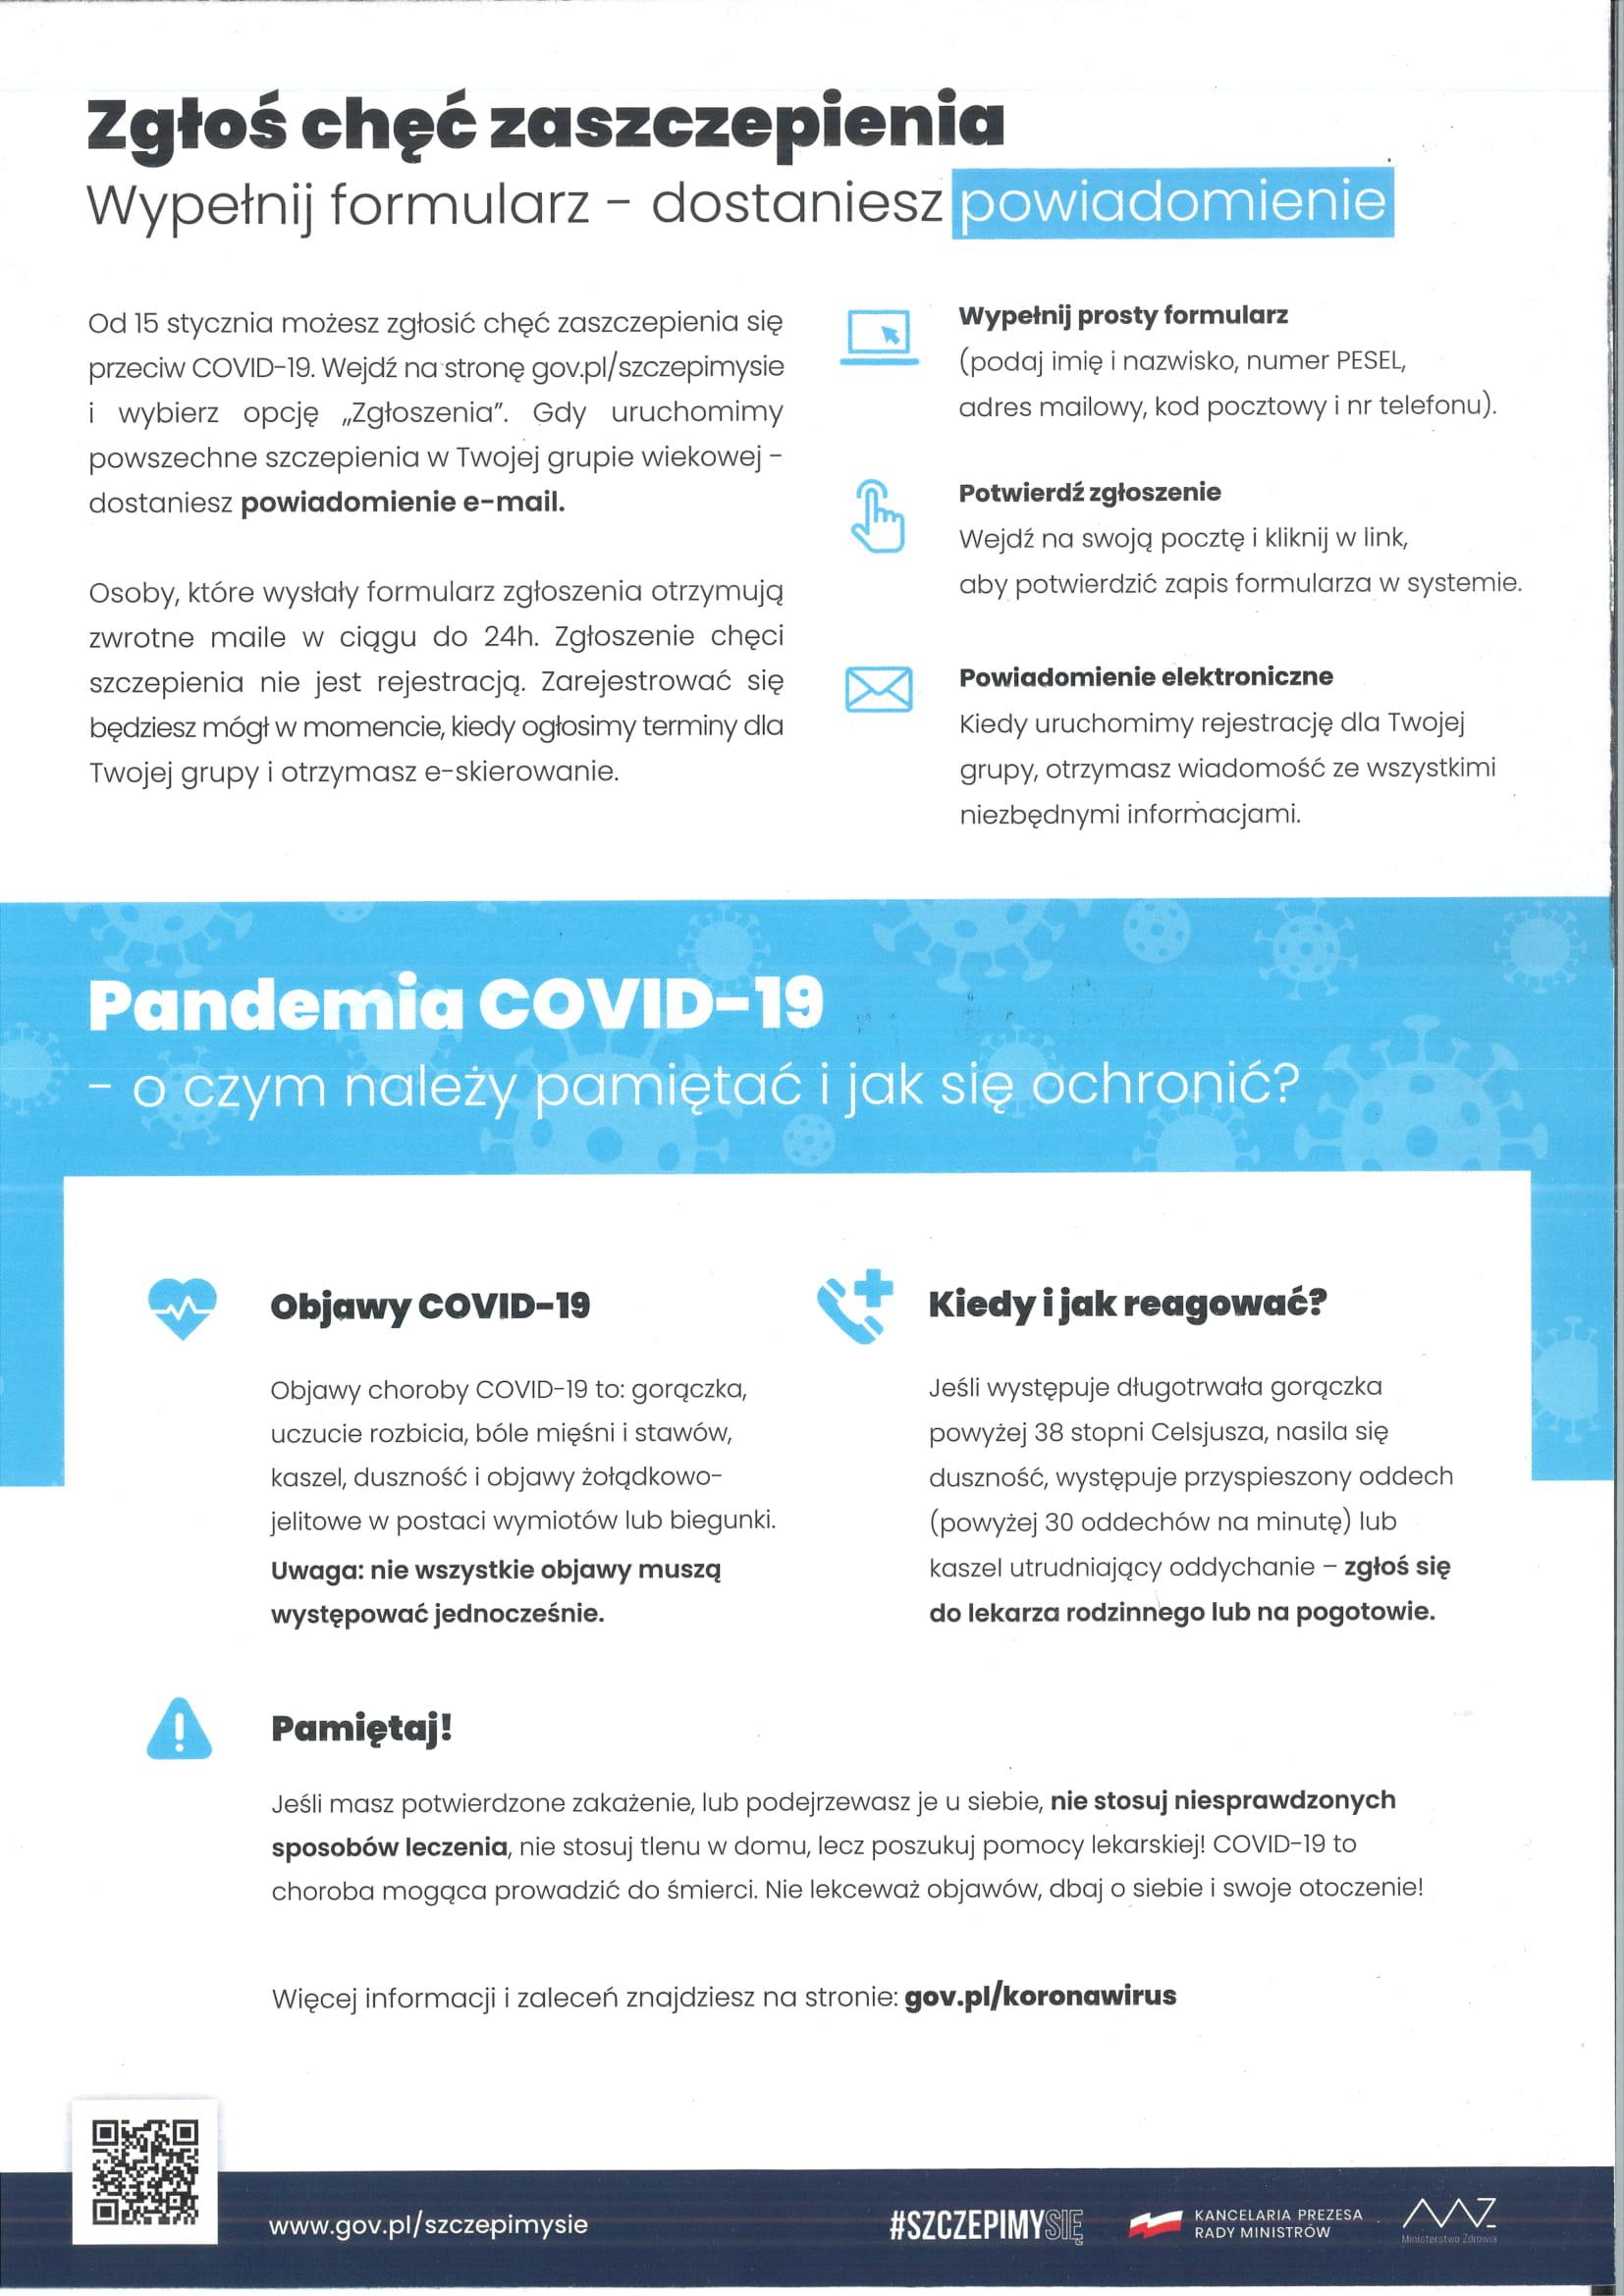 Rejestracja na szczepienie przeciwko COVID-19 - ulotka